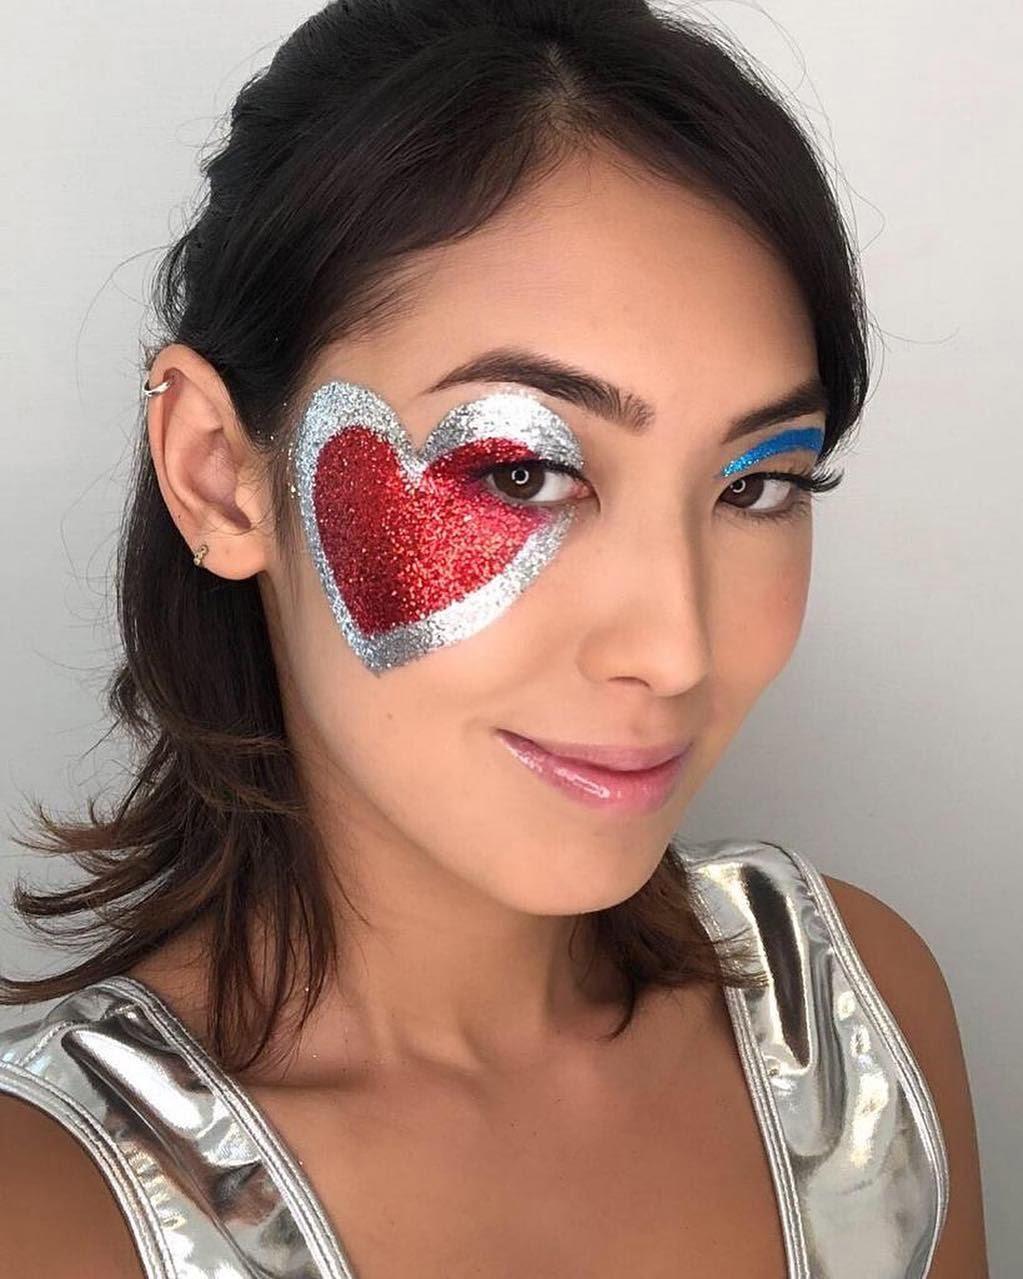 40 inspirações de maquiagem com glitter para brilhar em qualquer ocasião - 31